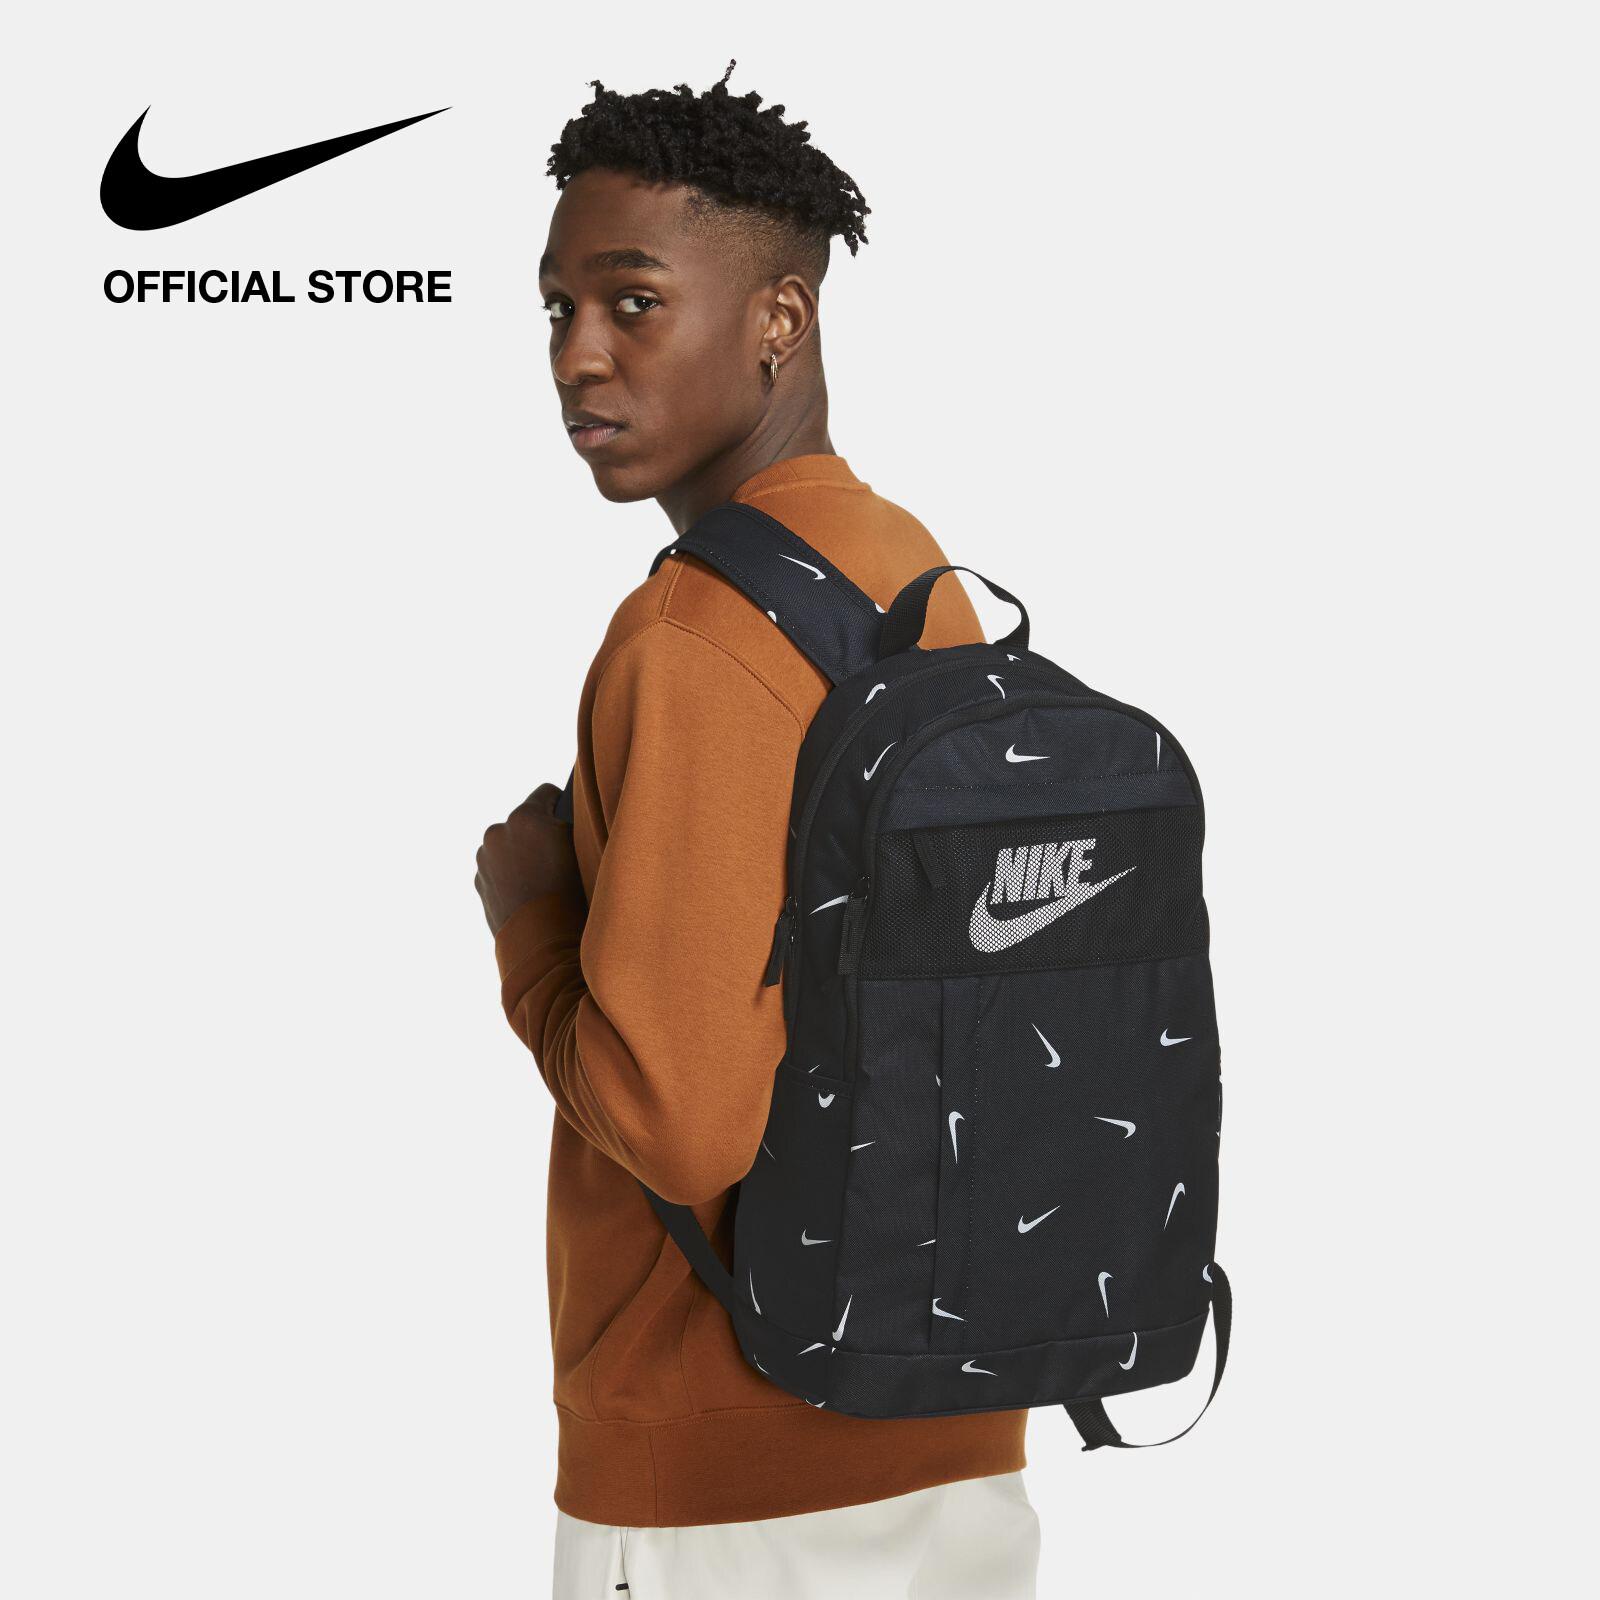 รีวิว Nike Unisex Elemental Backpack - Black ไนกี้ เป้สะพายหลังยูนิเซ็กส์ เอลิเมนทัล - สีดำ